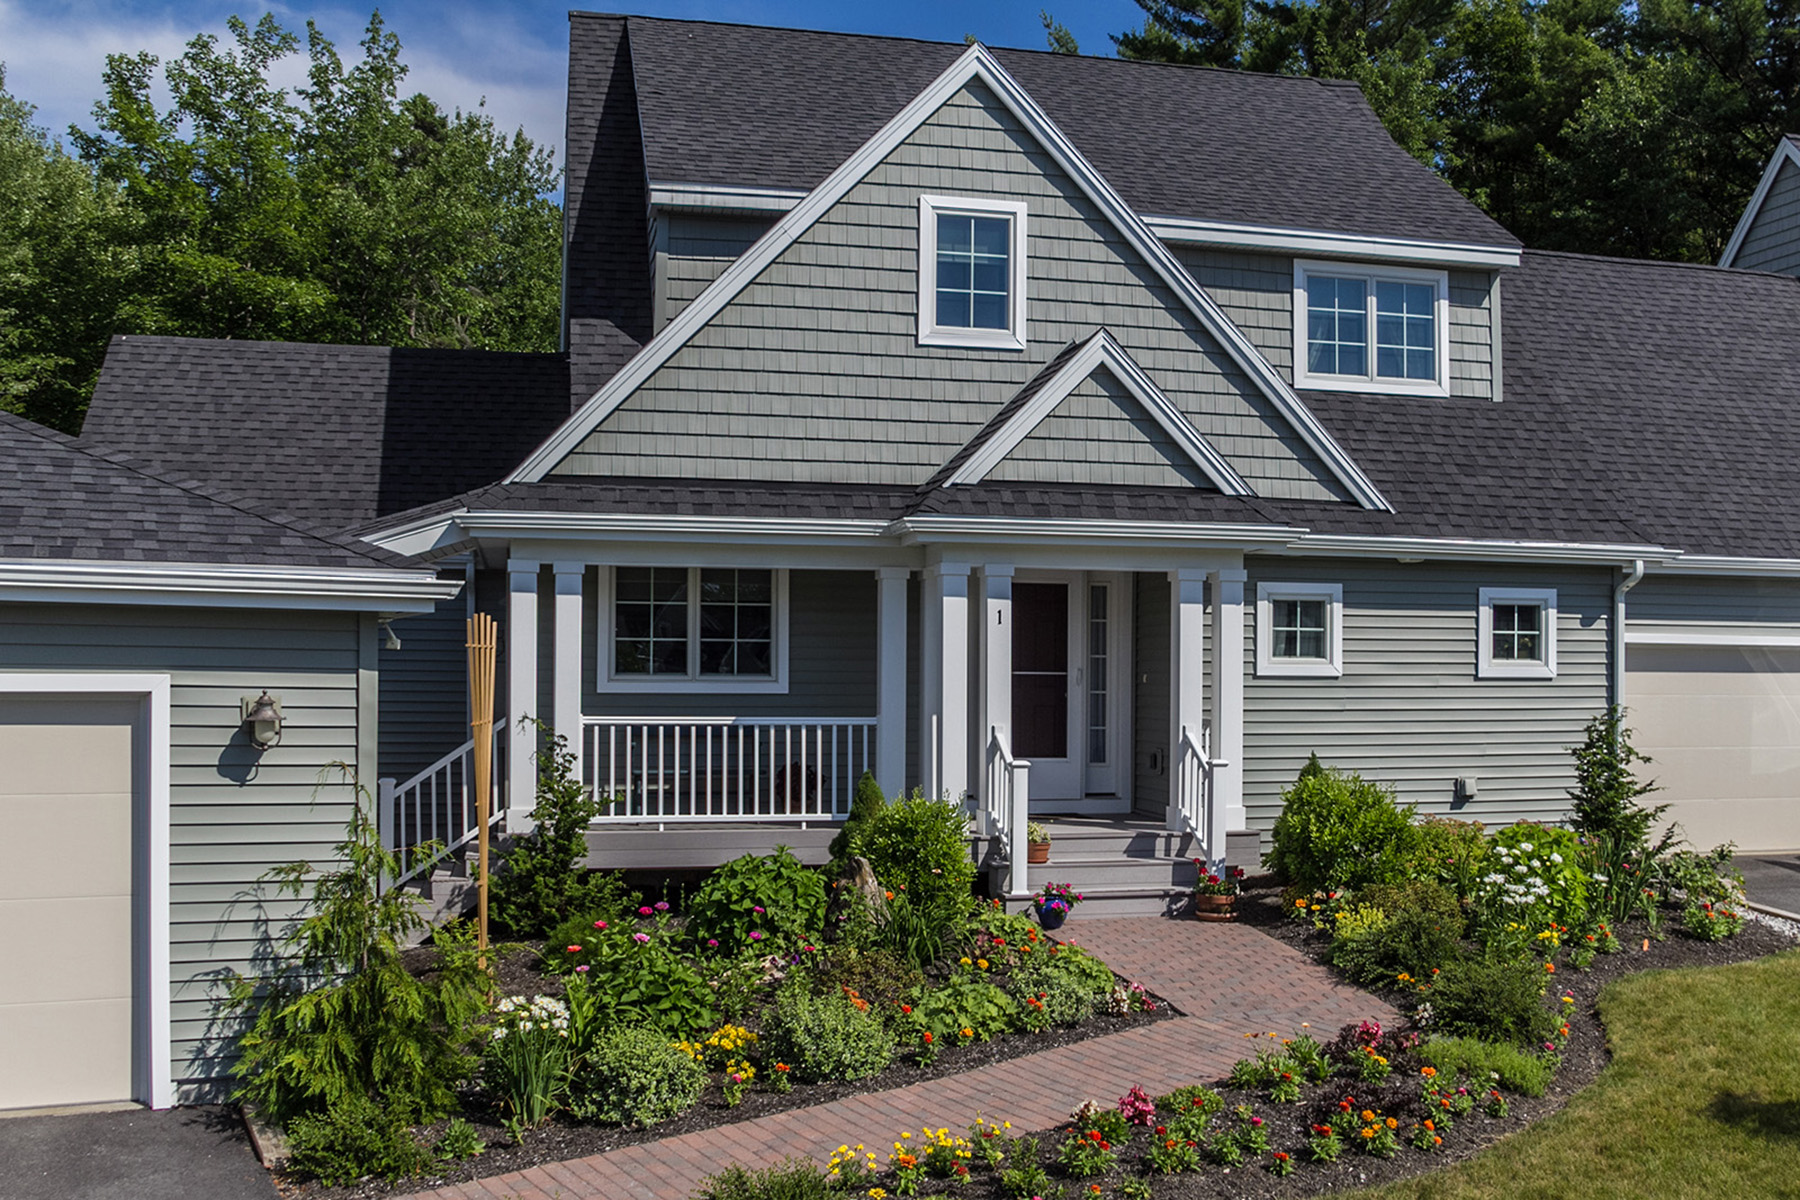 共管式独立产权公寓 为 销售 在 2 Rock Rose Way ,# 81 2 Rock Rose Way # 81, 布伦瑞克, 缅因州, 04011 美国